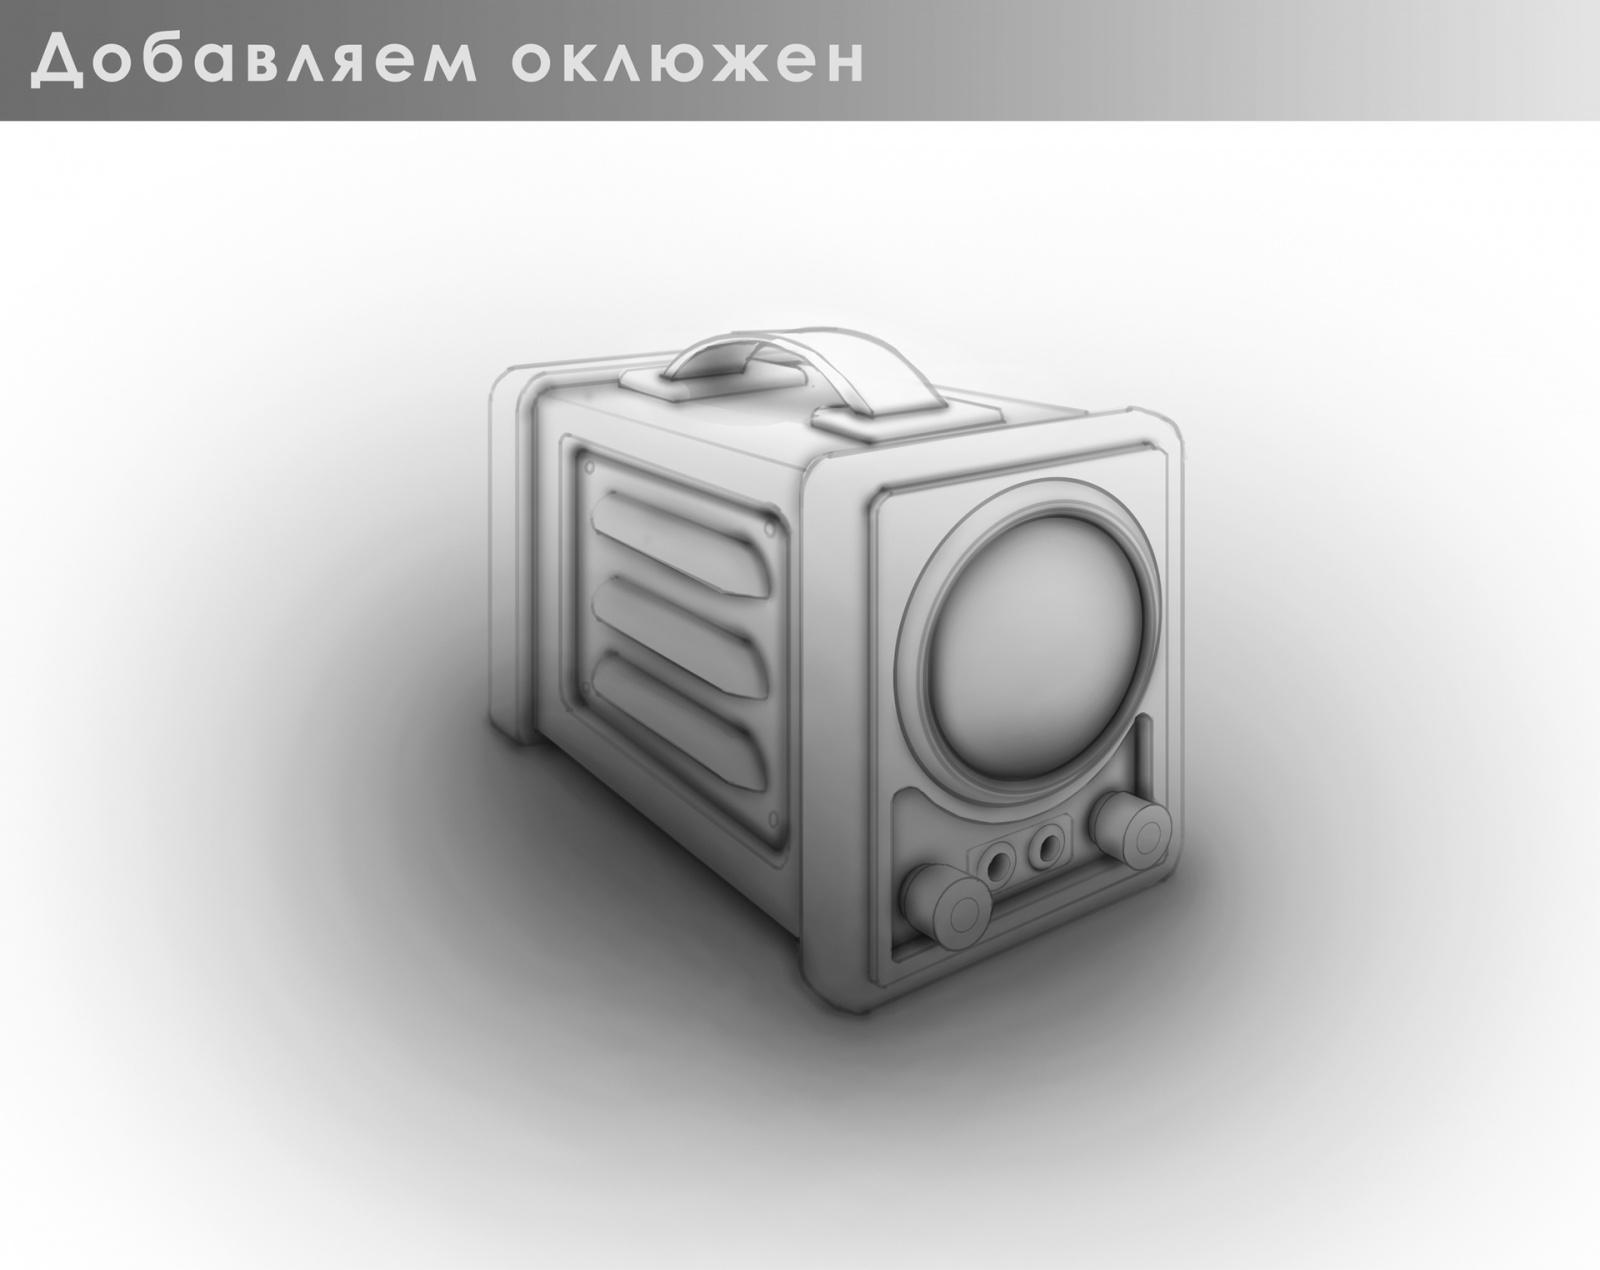 Основы CG-рисунка на примерах: рисуем осциллограф, применяем 3D - 6